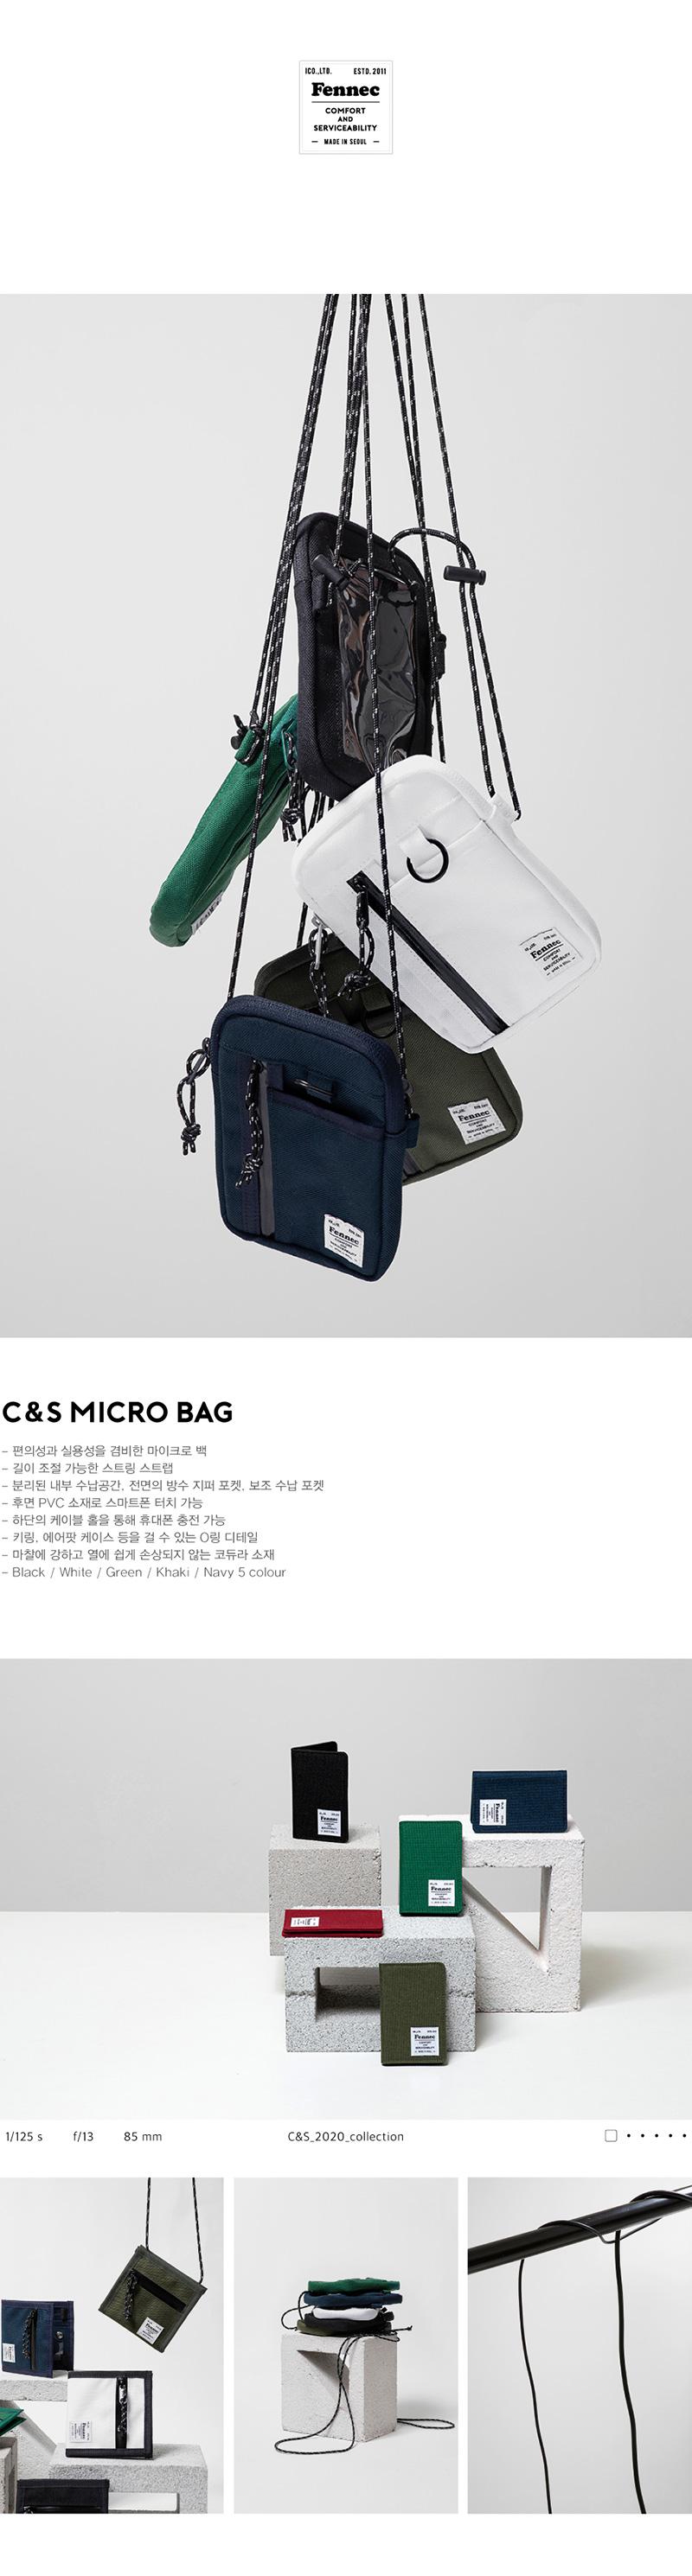 10x10-C_S-micro-bag-bk_01.jpg